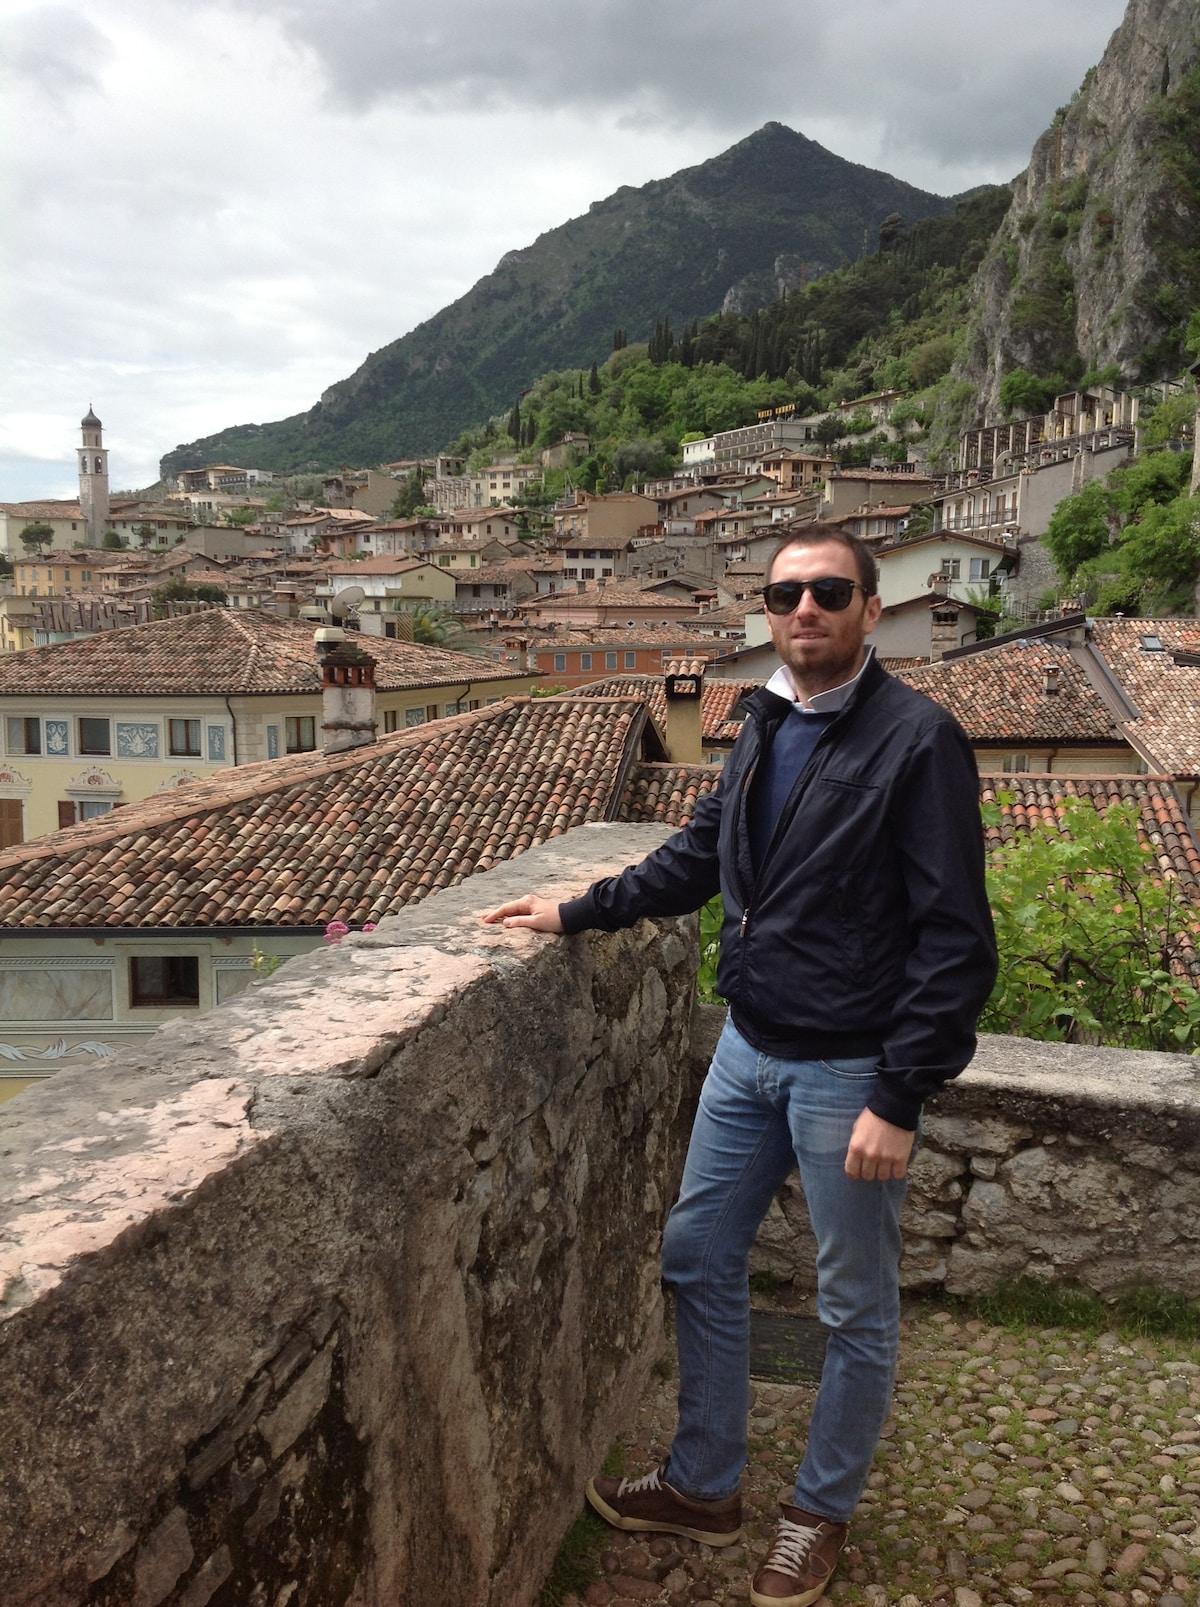 Alessandro from Venice